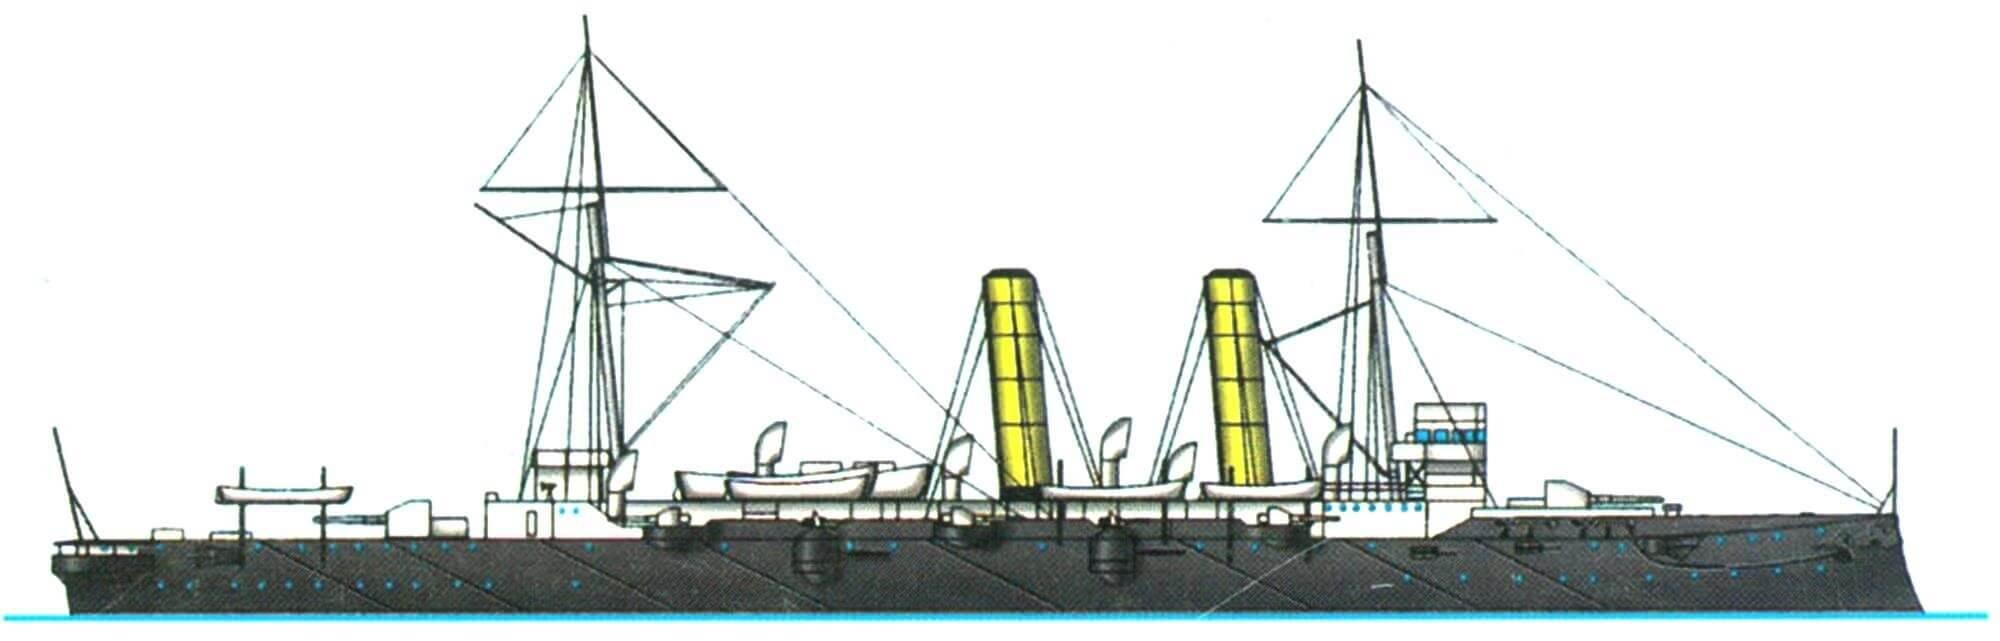 Бронепалубный крейсер «Бленхейм» (Англия, 1893 г.)